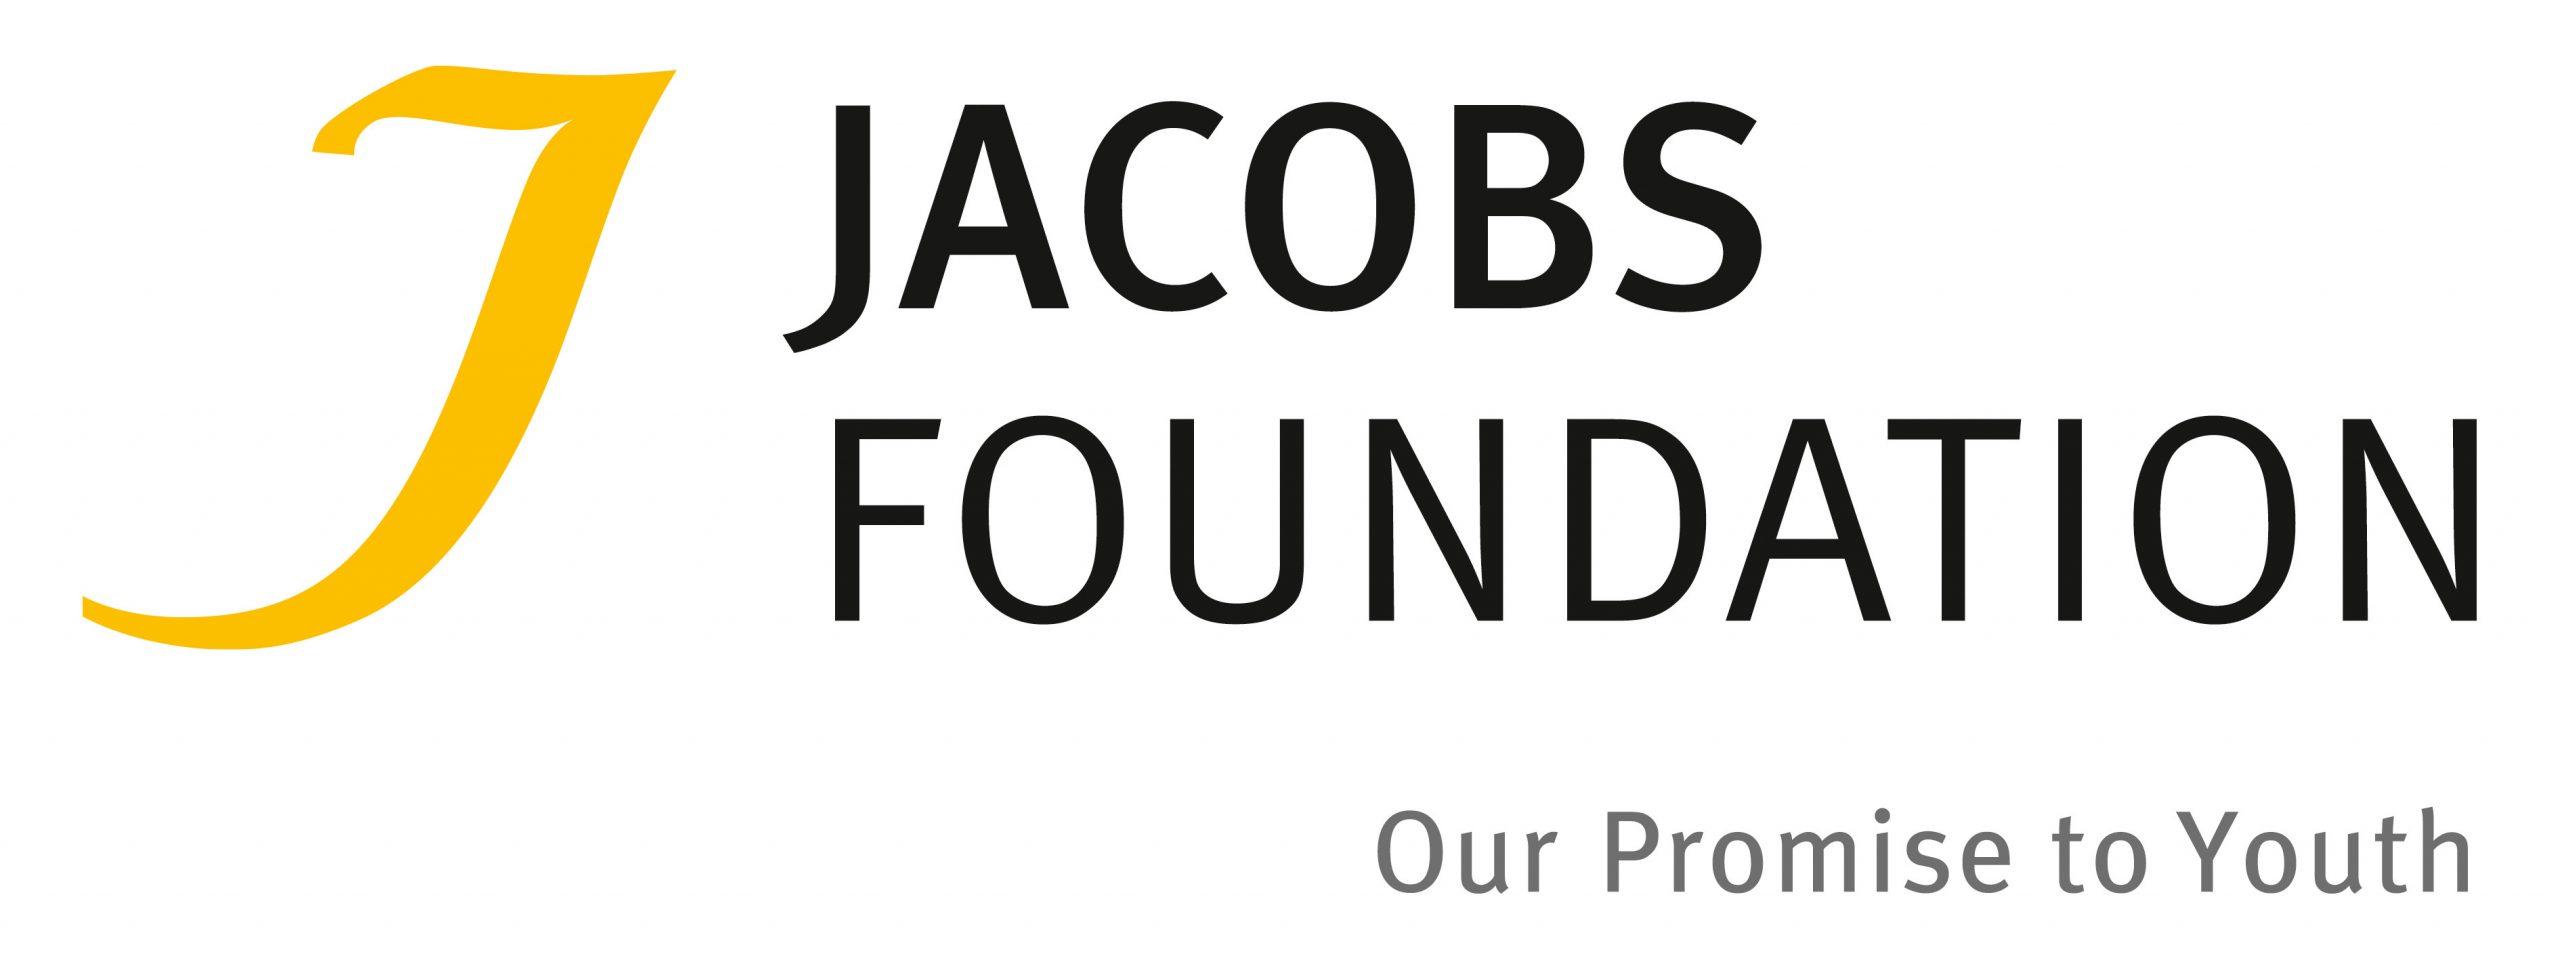 Das Foto zeigt das Logo der Jacobs Foundation und verlinkt auf deren Website